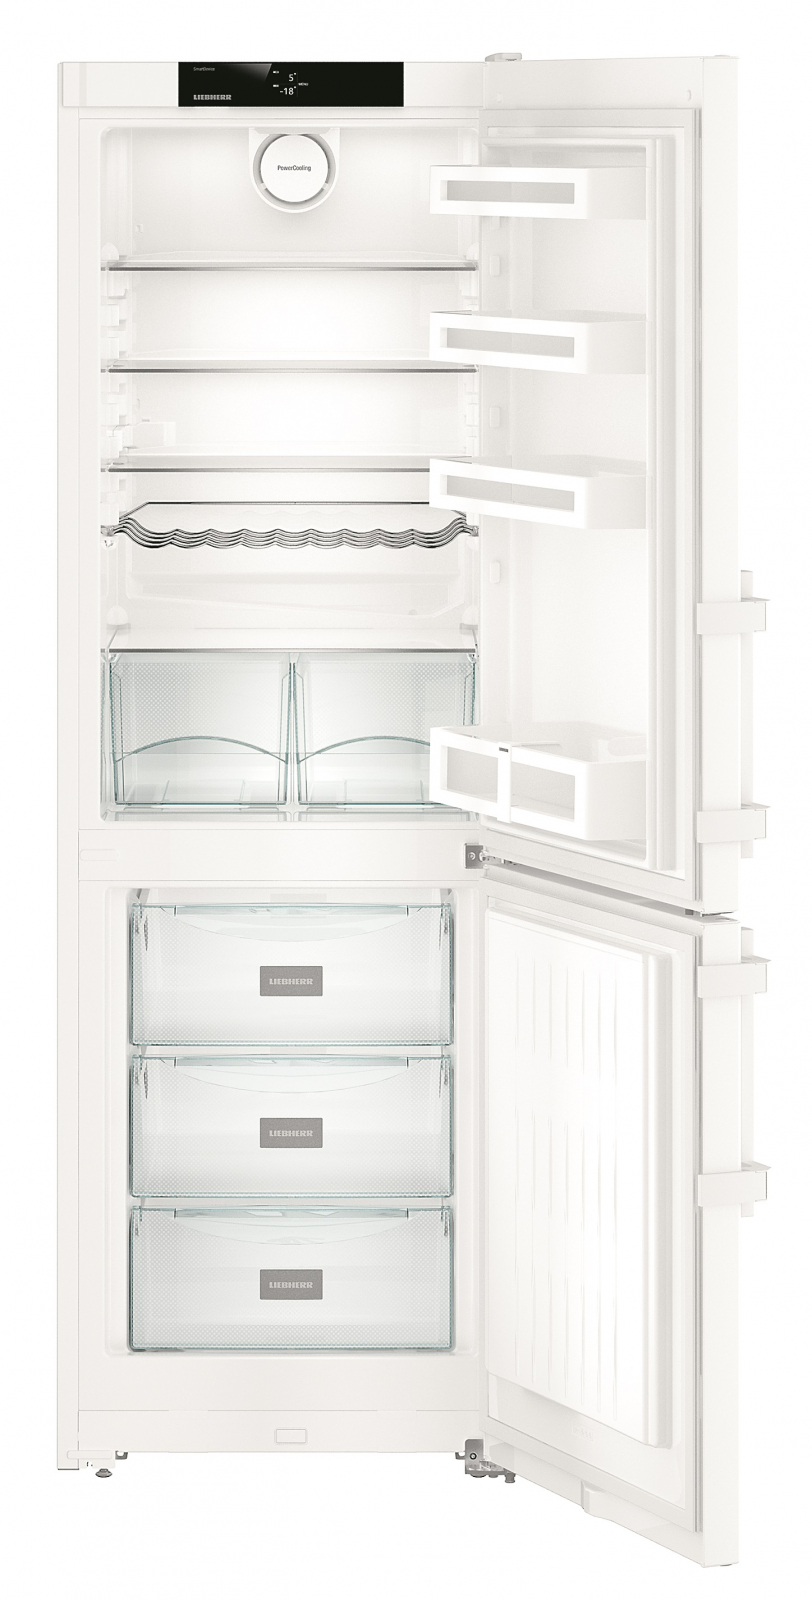 купить Двухкамерный холодильник Liebherr C 3425 Украина фото 2